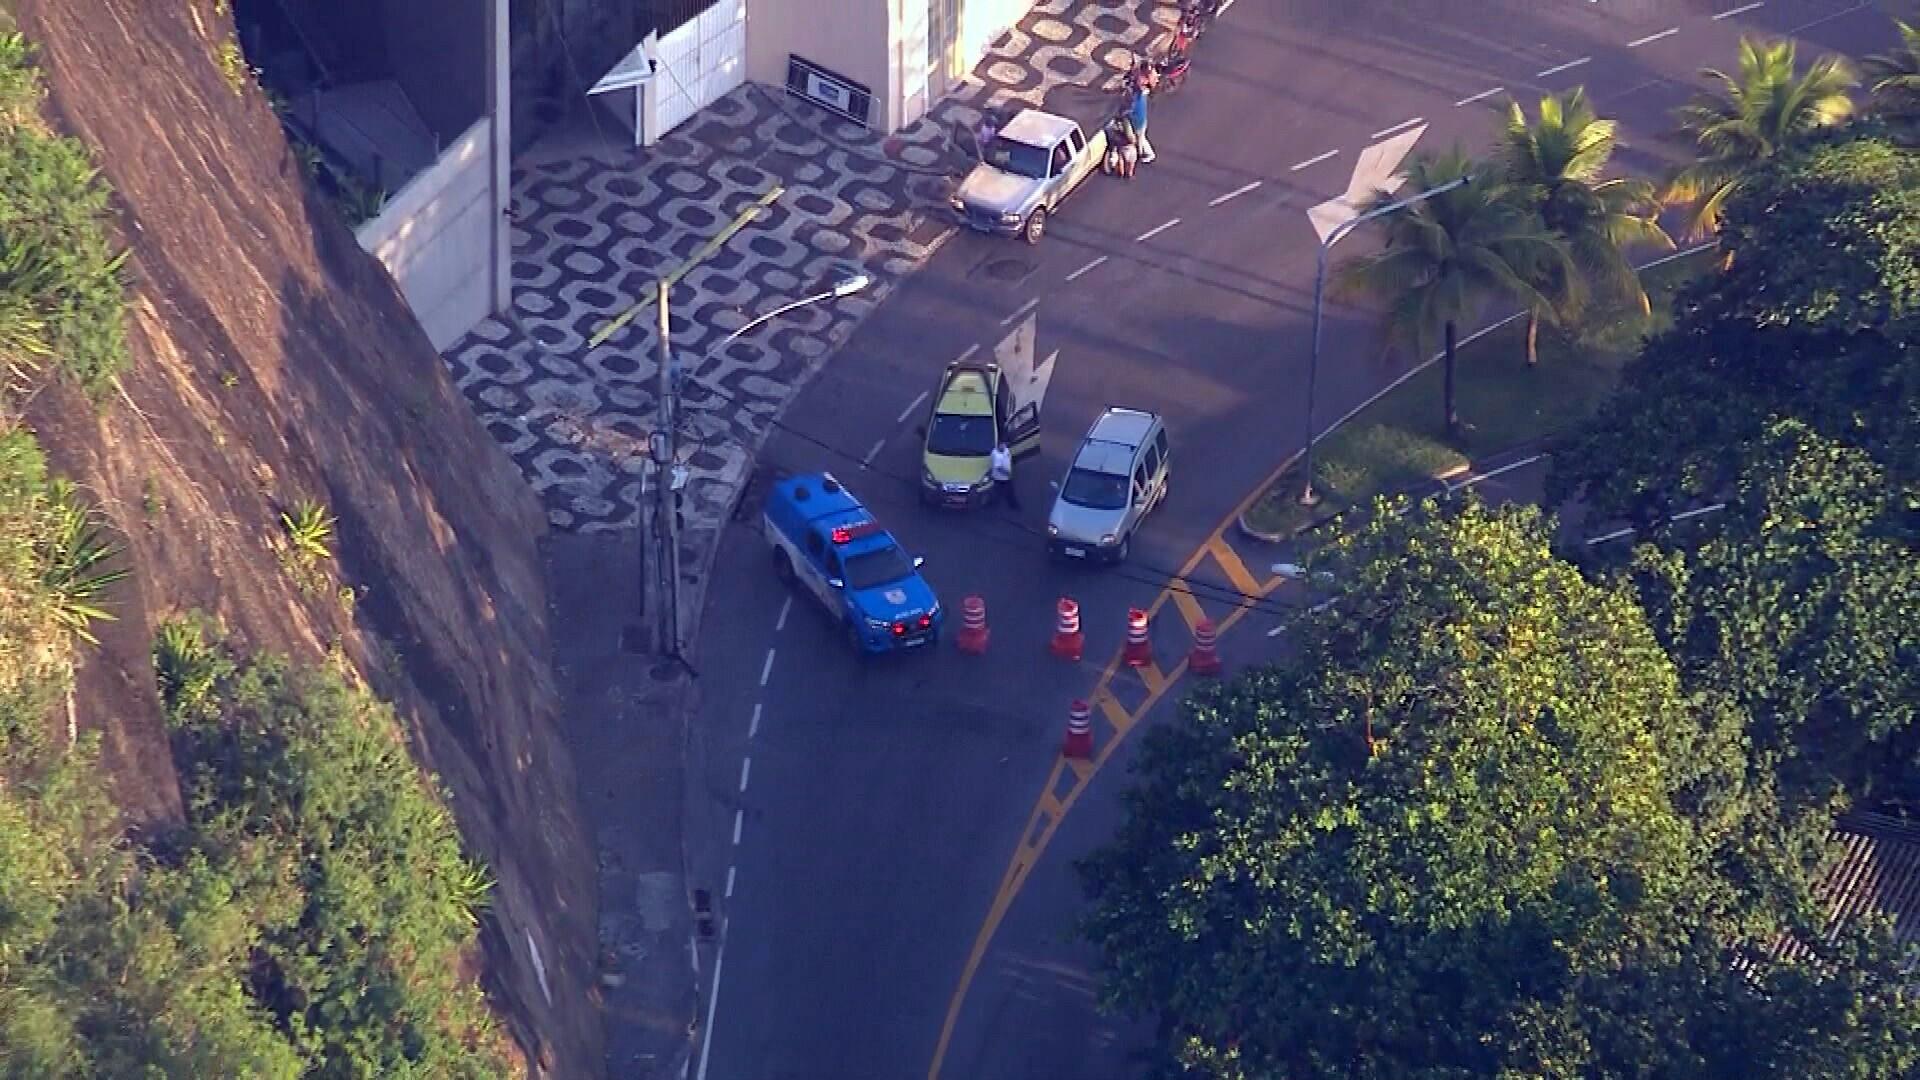 Polícia Militar faz operação no Morro do Vidigal, no Rio; Av. Niemeyer chegou a ser interditada